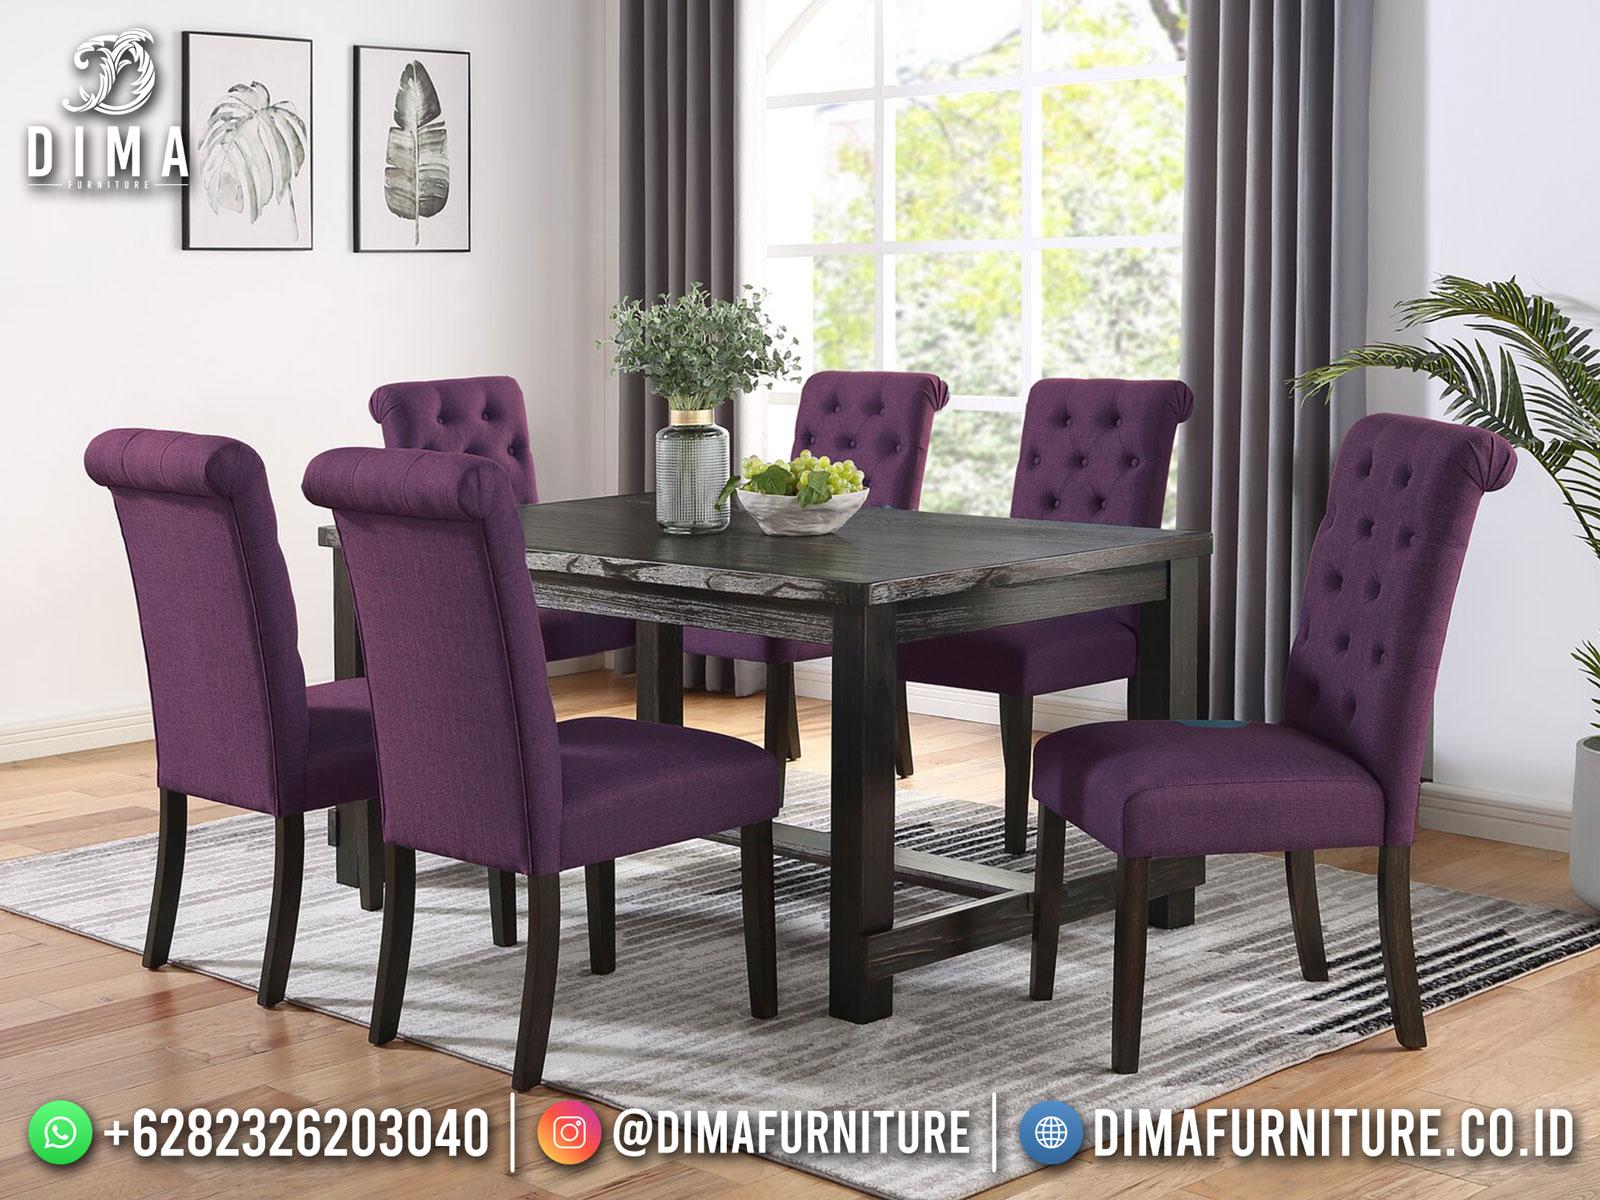 New Meja Makan Minimalis Jati Violet Upholstery Natural Dark Brown Rustic TTJ-1748